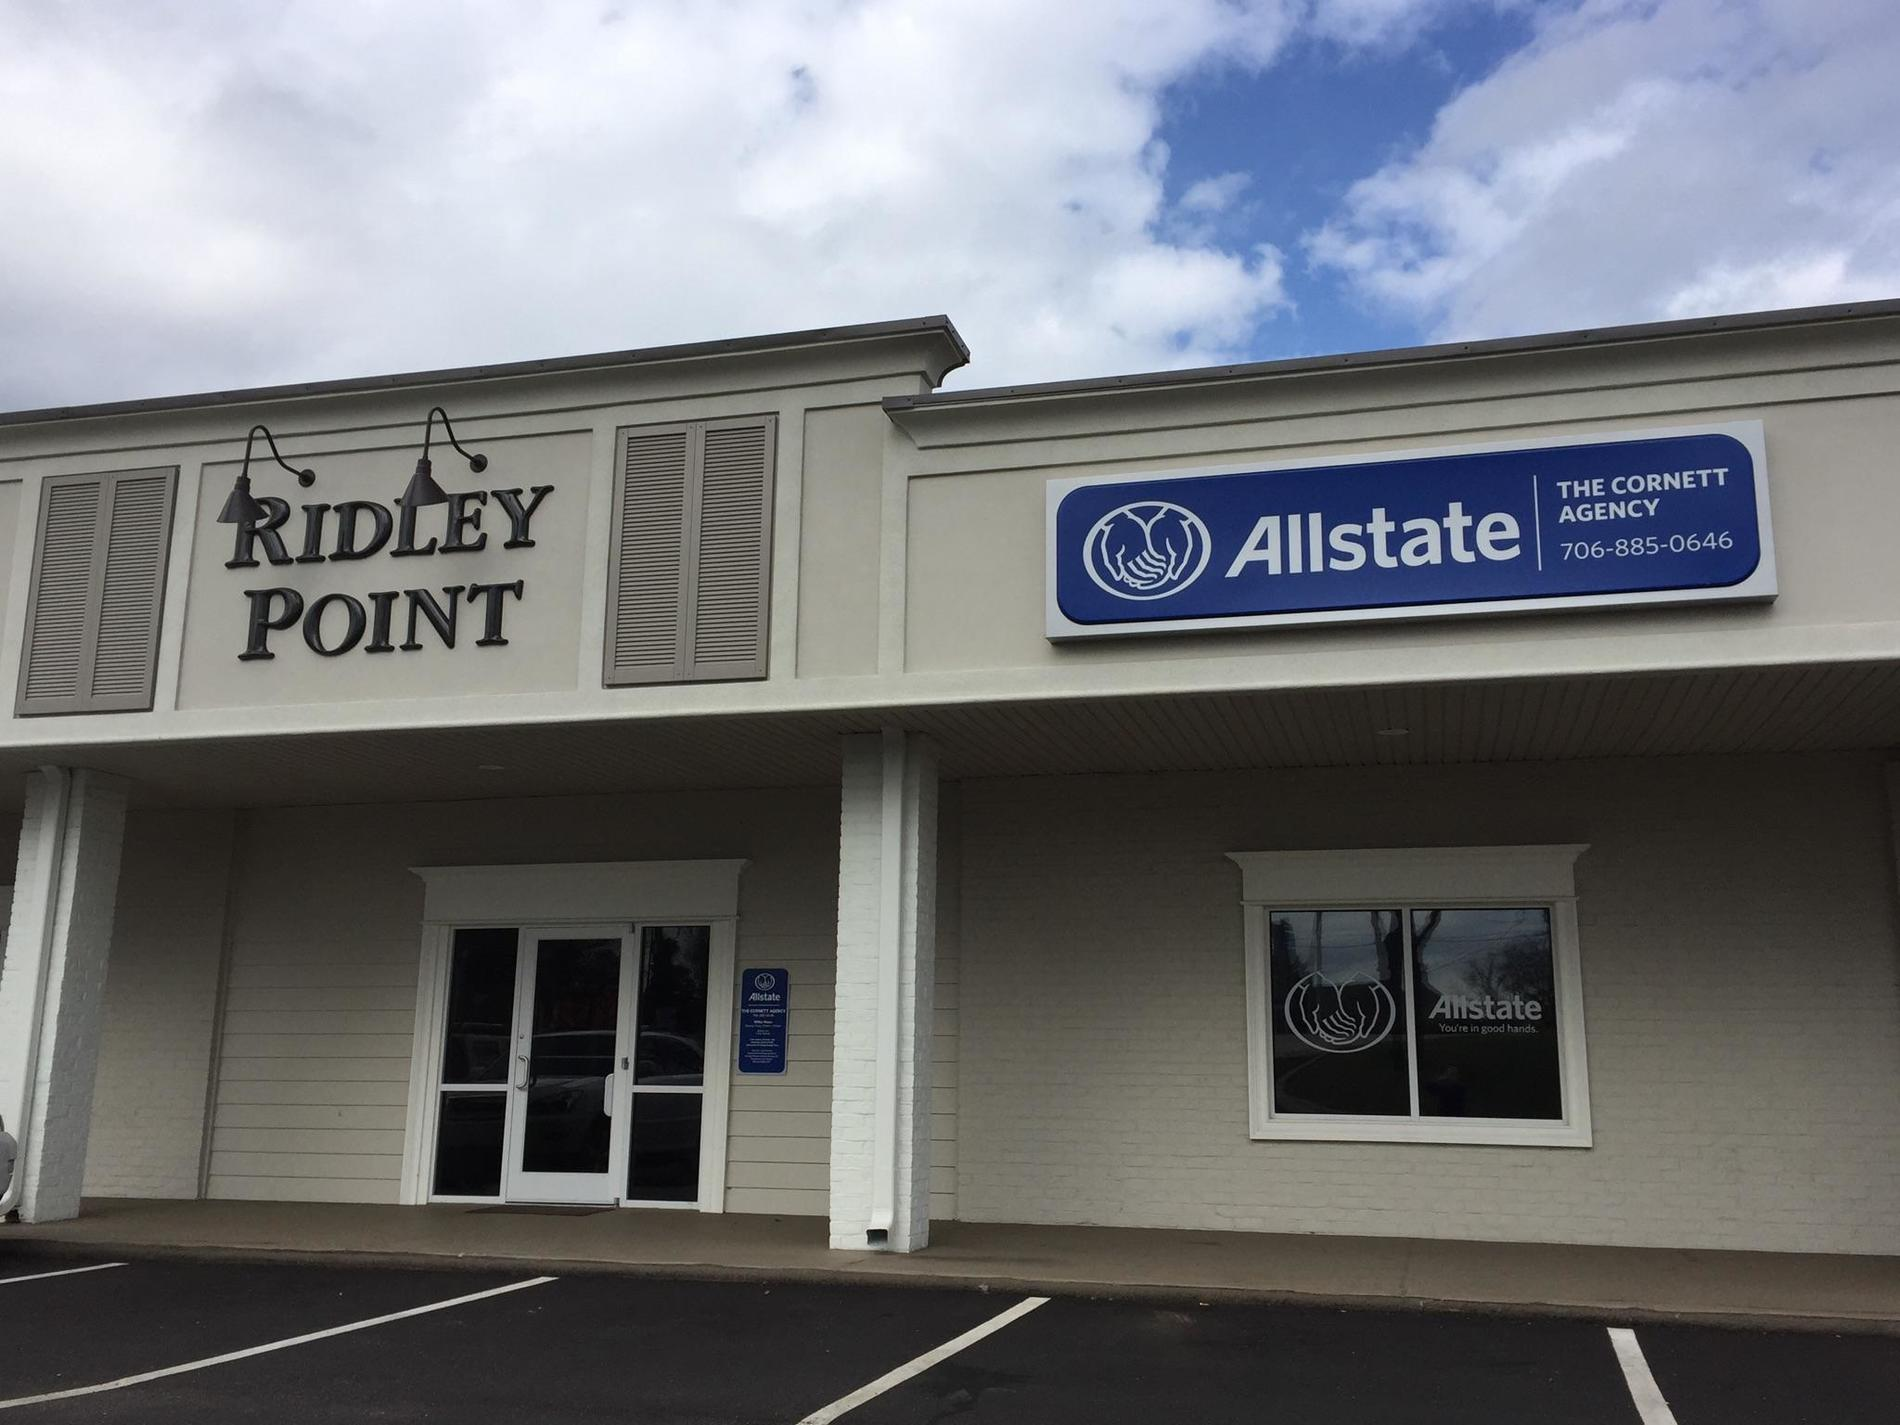 Allstate   Car Insurance in Lagrange, GA - Michelle Cornett